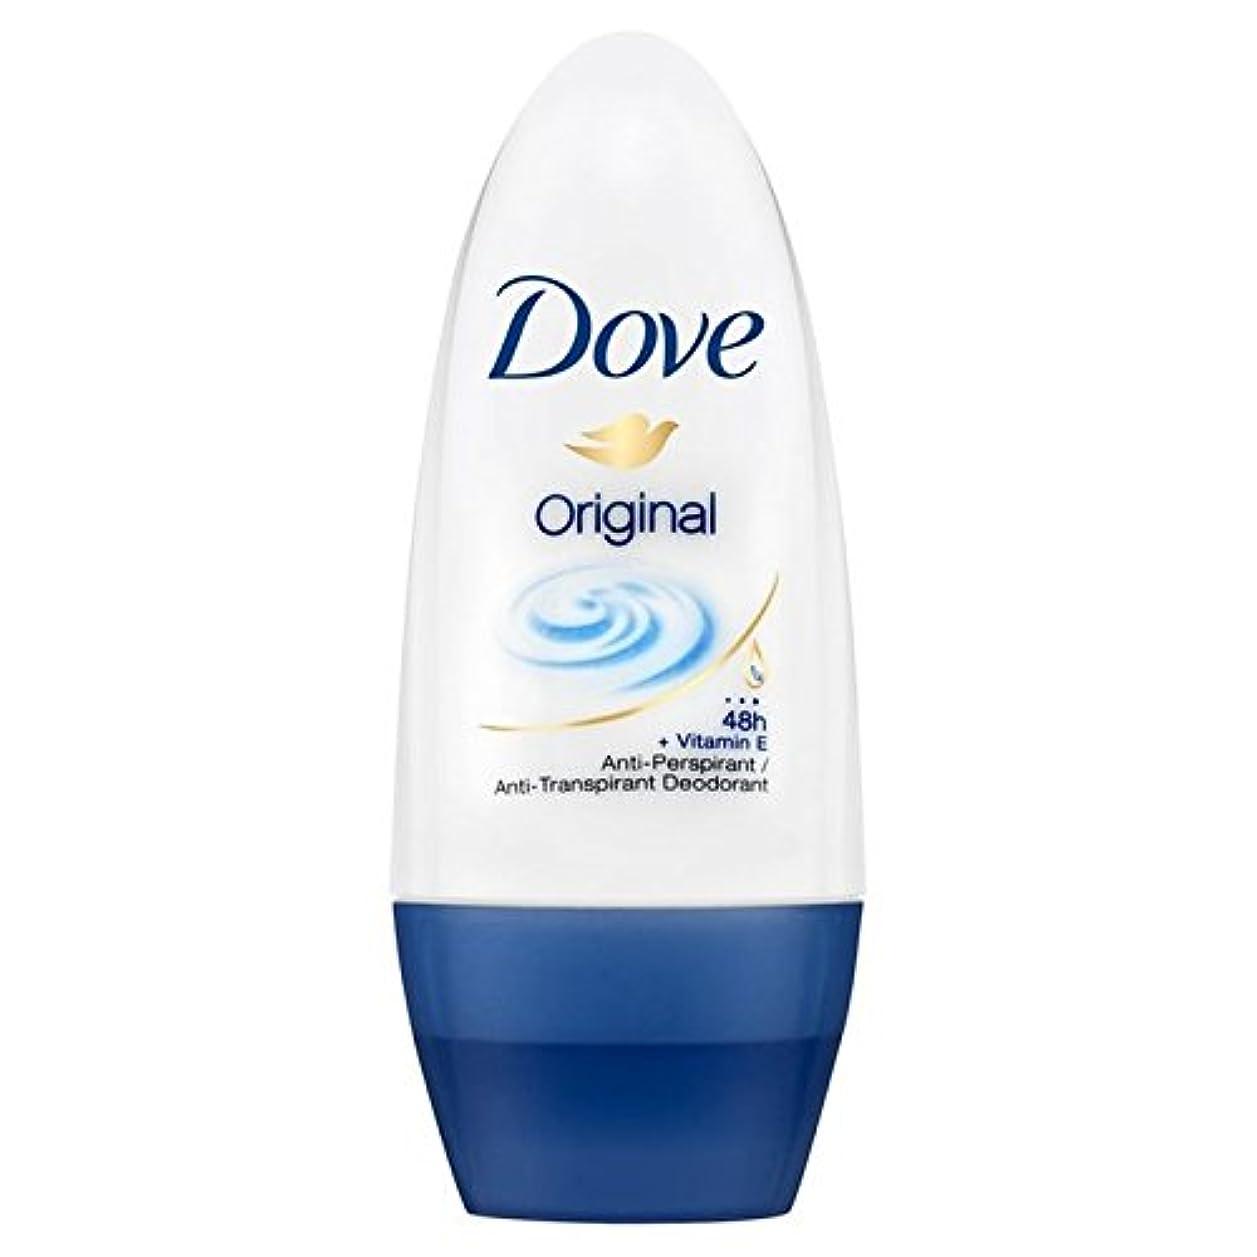 パトロール肘かなりのDove Original Roll-On Anti-Perspirant Deodorant 50ml - 鳩のオリジナルロールオン制汗デオドラント50ミリリットル [並行輸入品]